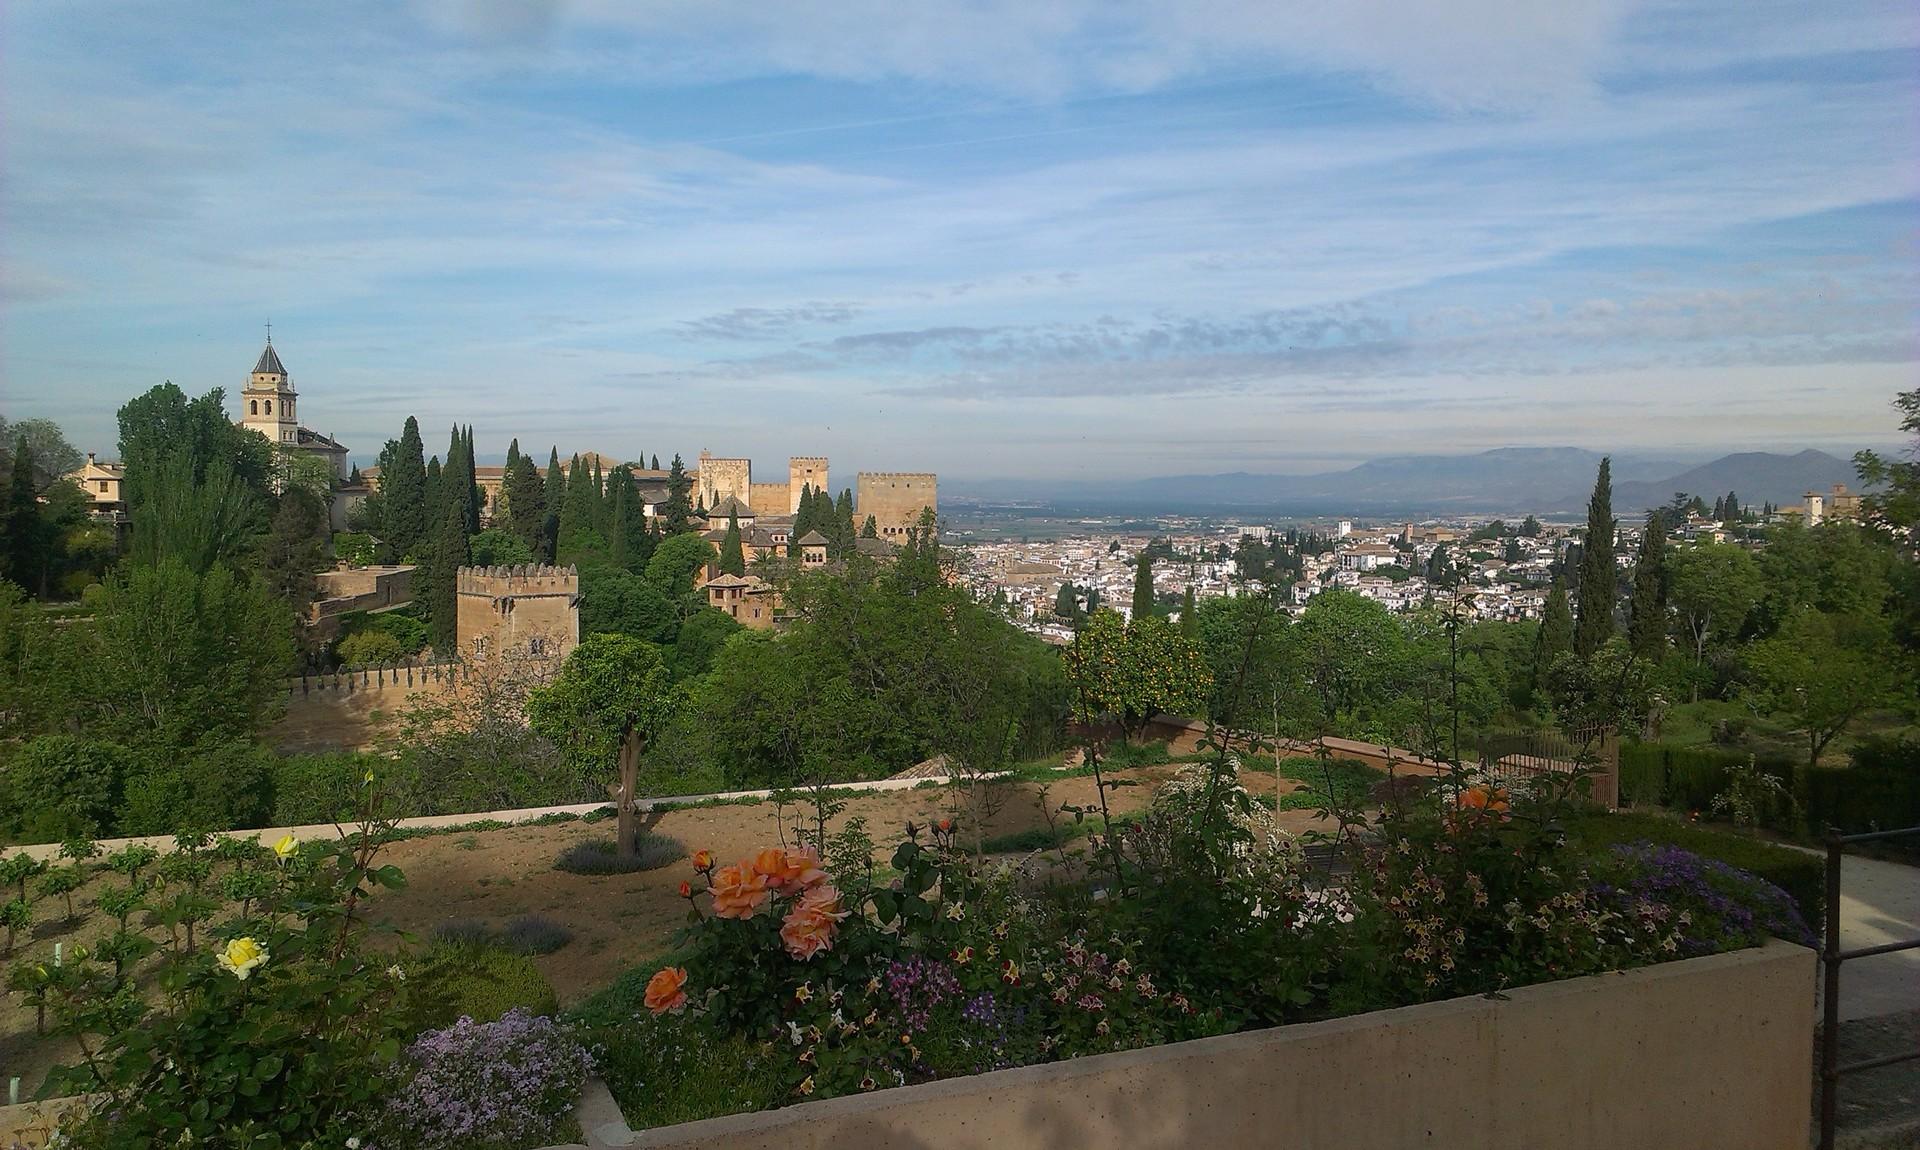 la-alhambra-cittadina-paradisiaca-2ed0e1